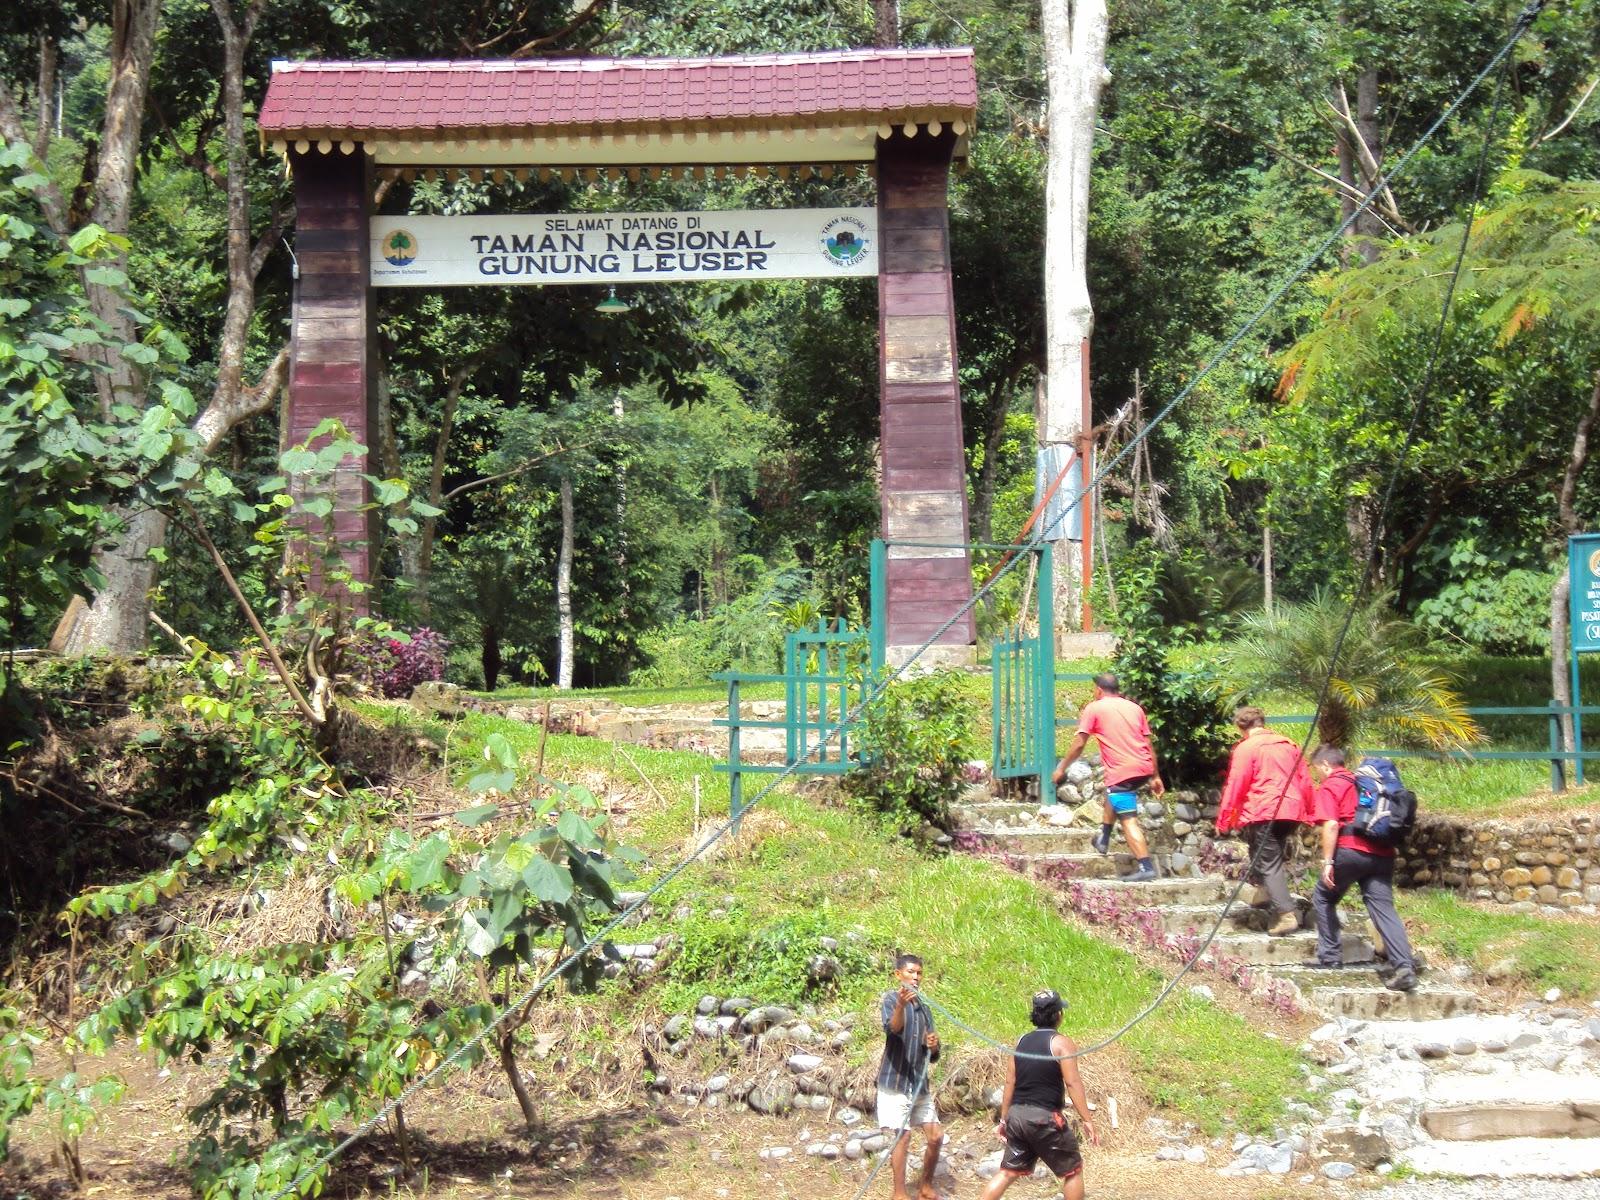 from Aryan shemale indonesia taman lawang